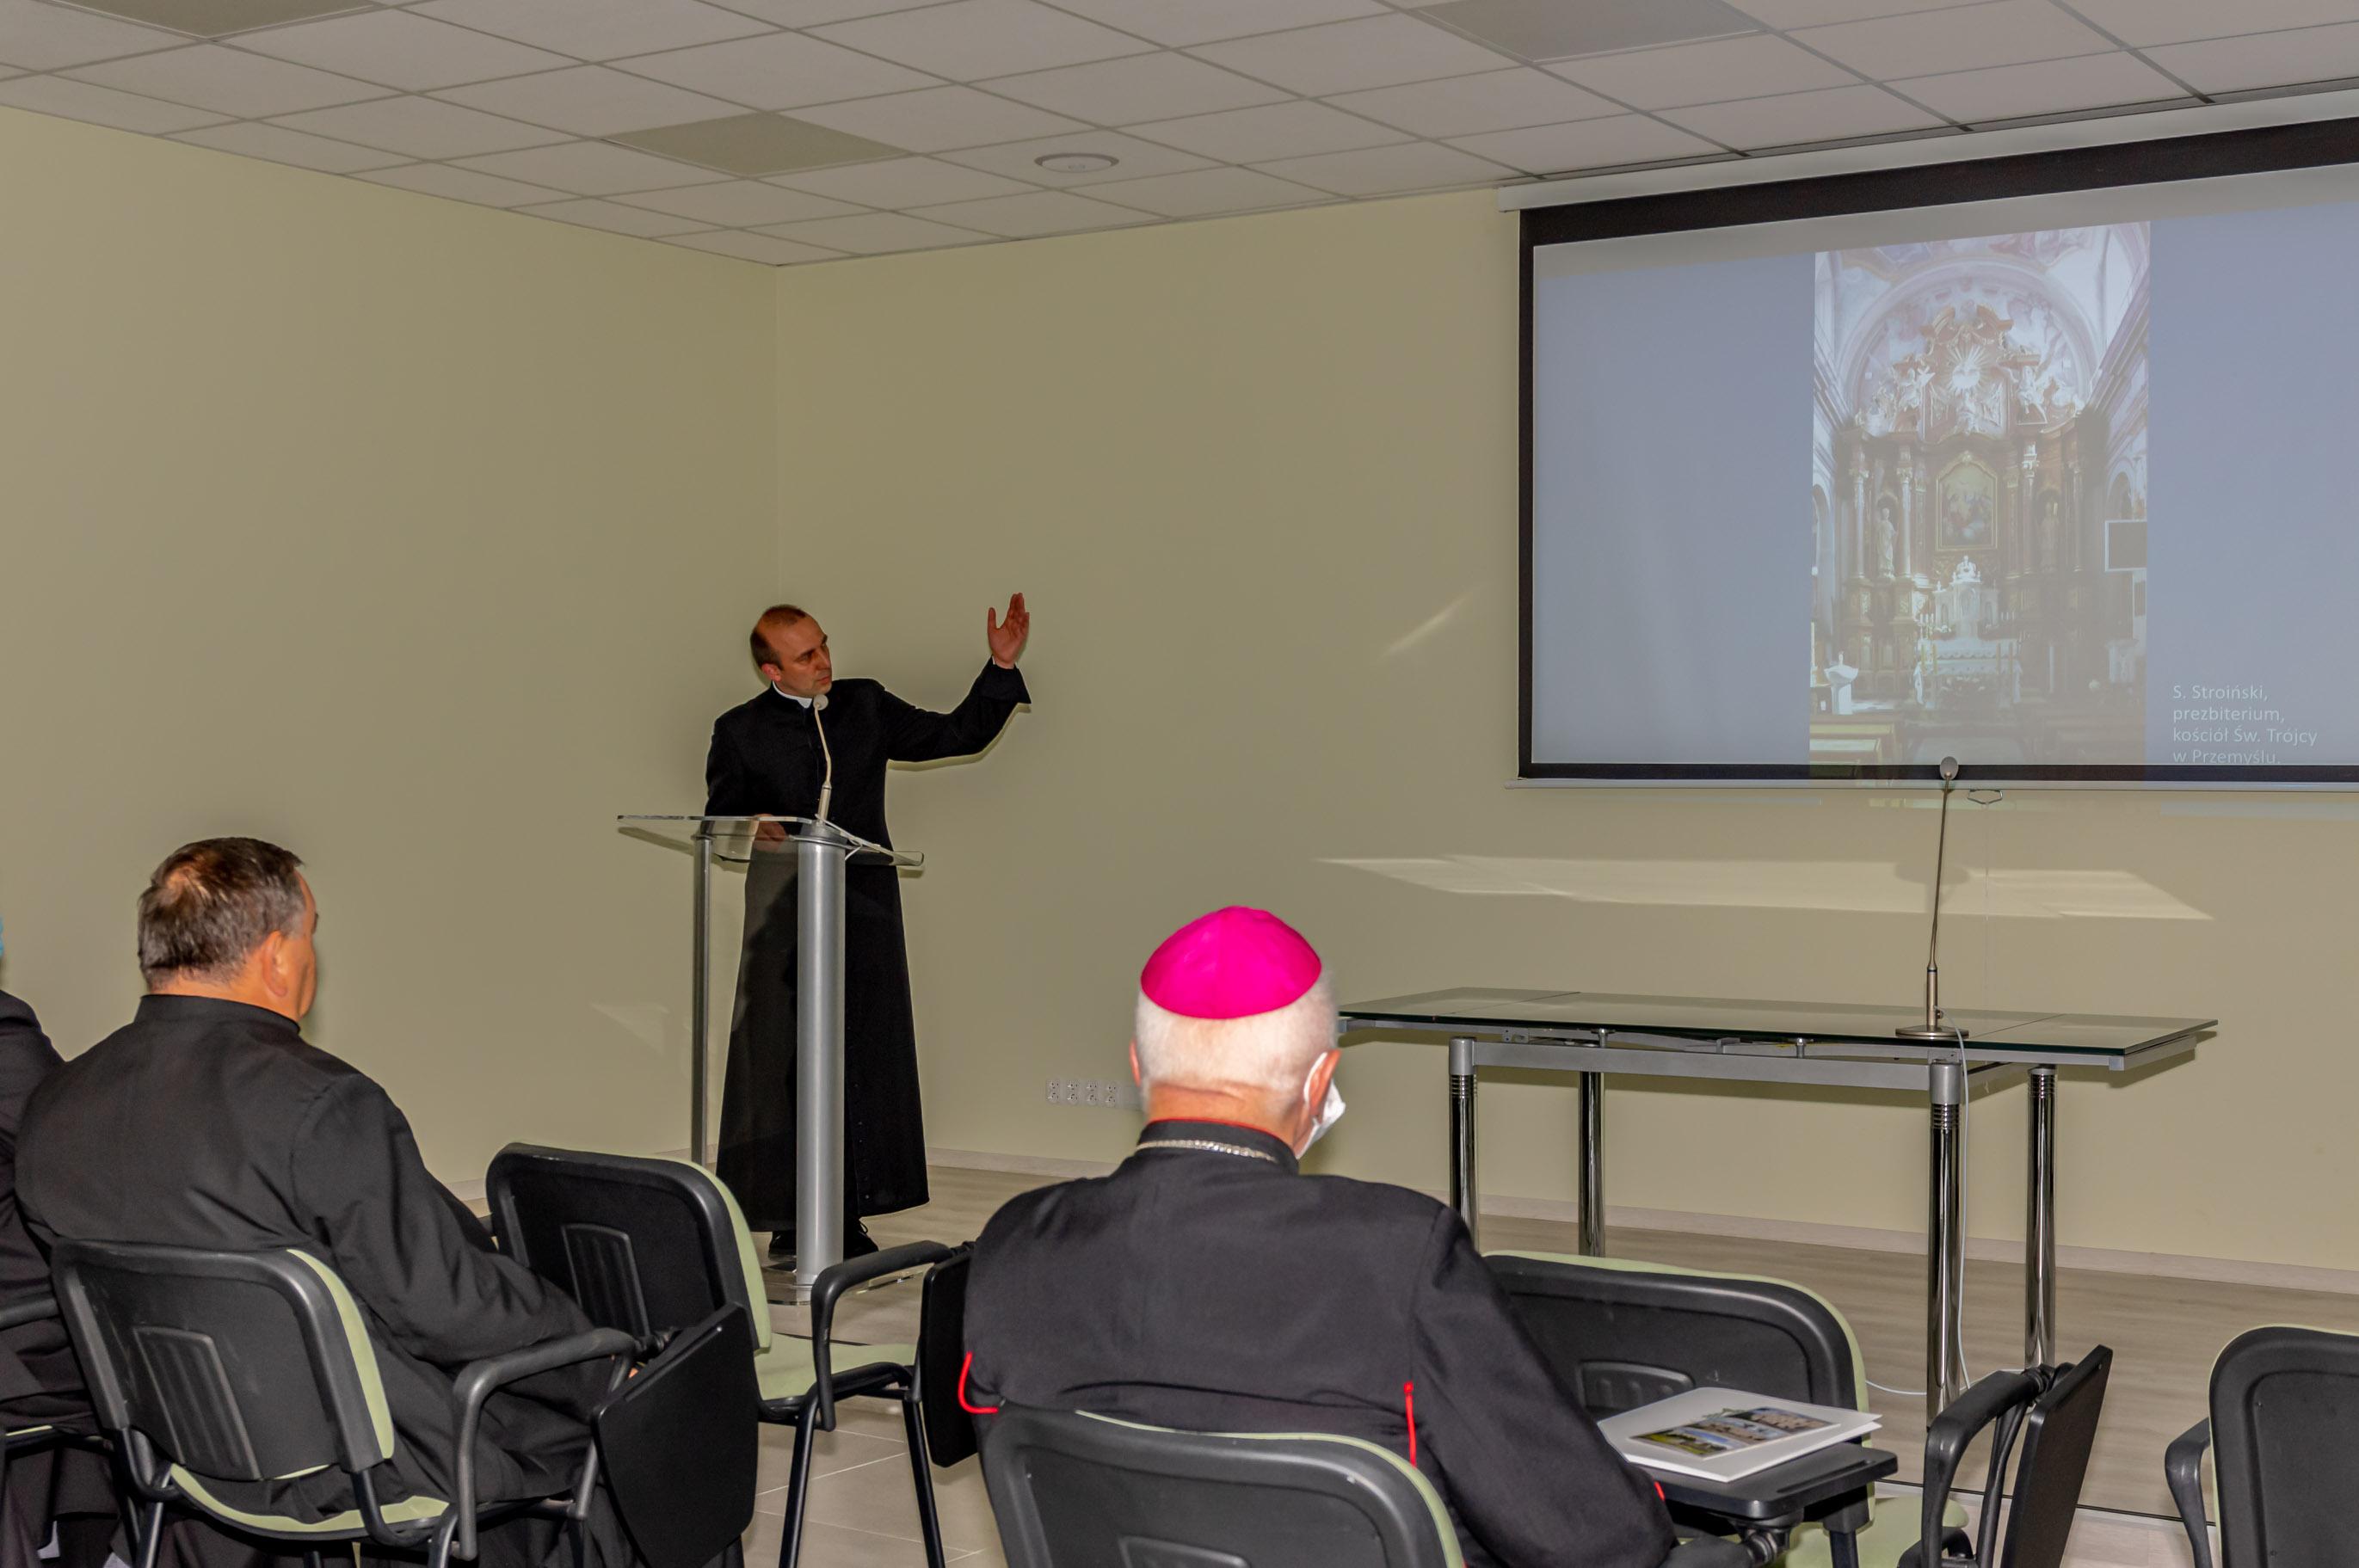 Konferencja naukowa na 50 lecie Parafii Świętej Trójcy – nagrania dźwiękowe